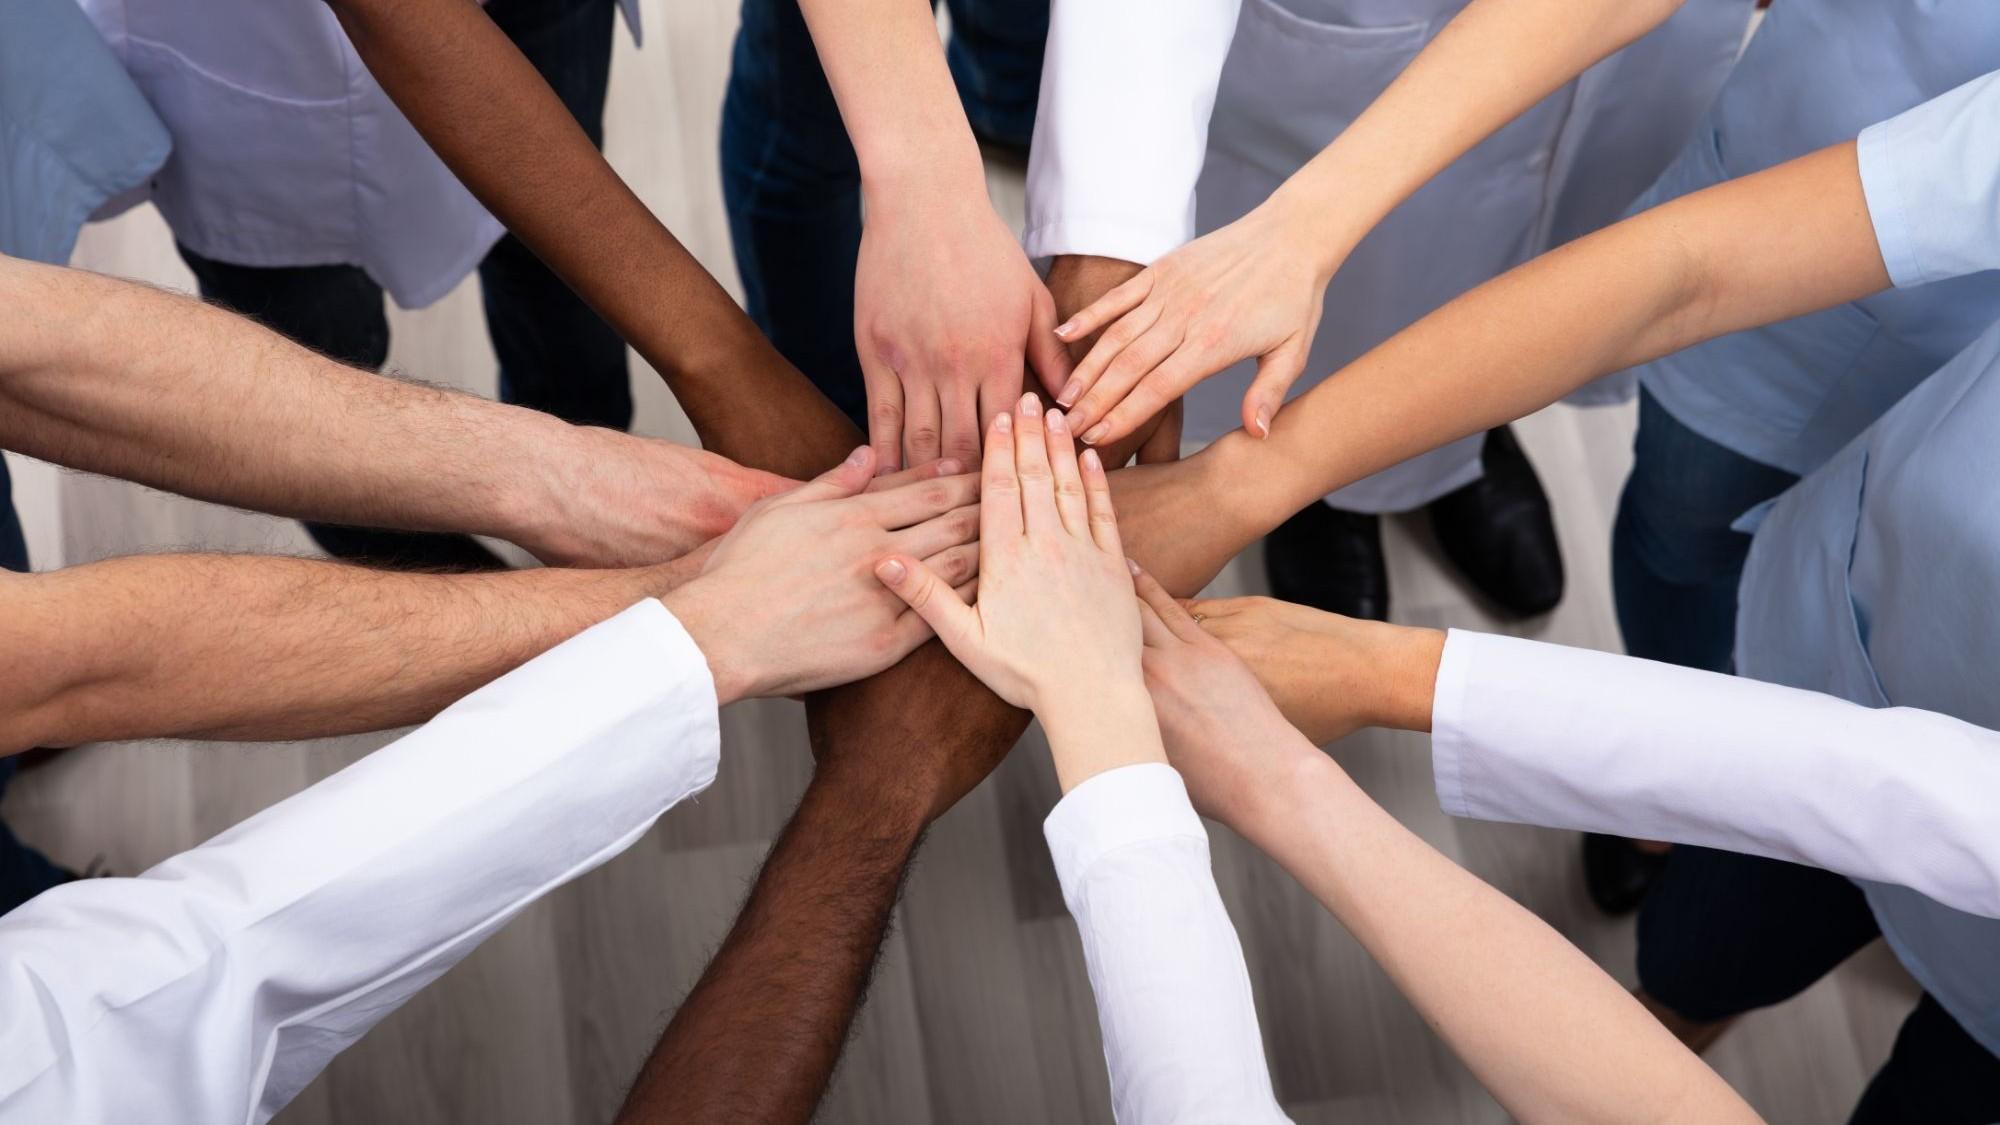 Représentation de la formation : PEC06 - Cohésion d'équipe et communication positive au service du patient